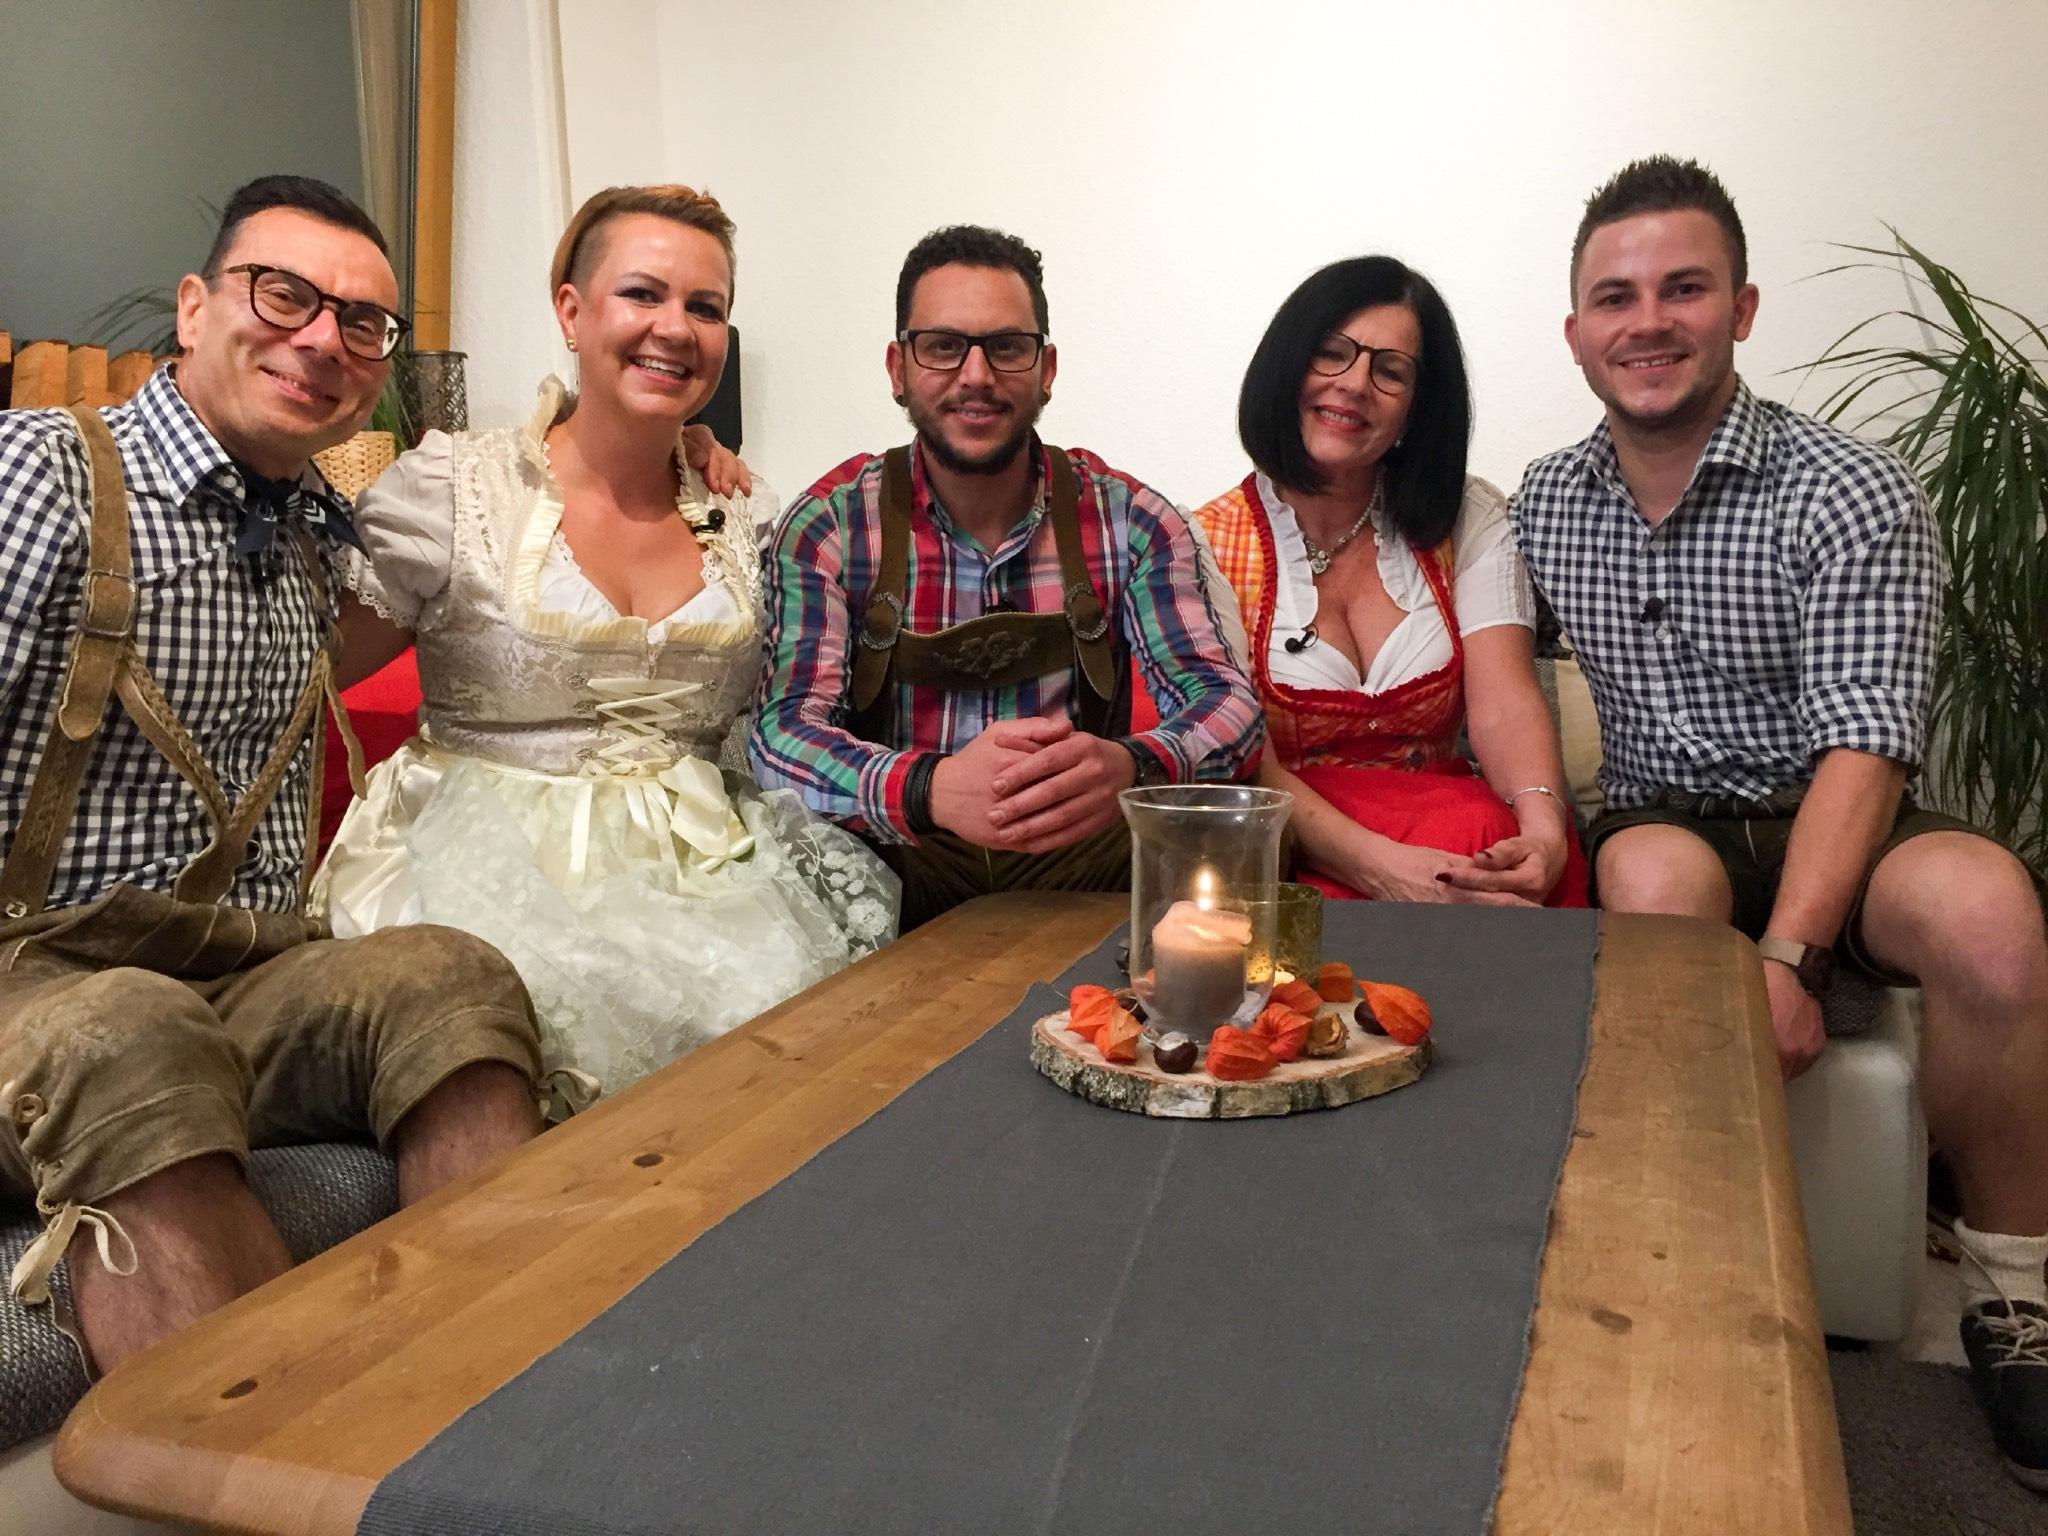 V.l.: Hartmut, Christina, Walid, Katja, Gastgeber Burkhard. Foto: MG RTL D / ITV Studios